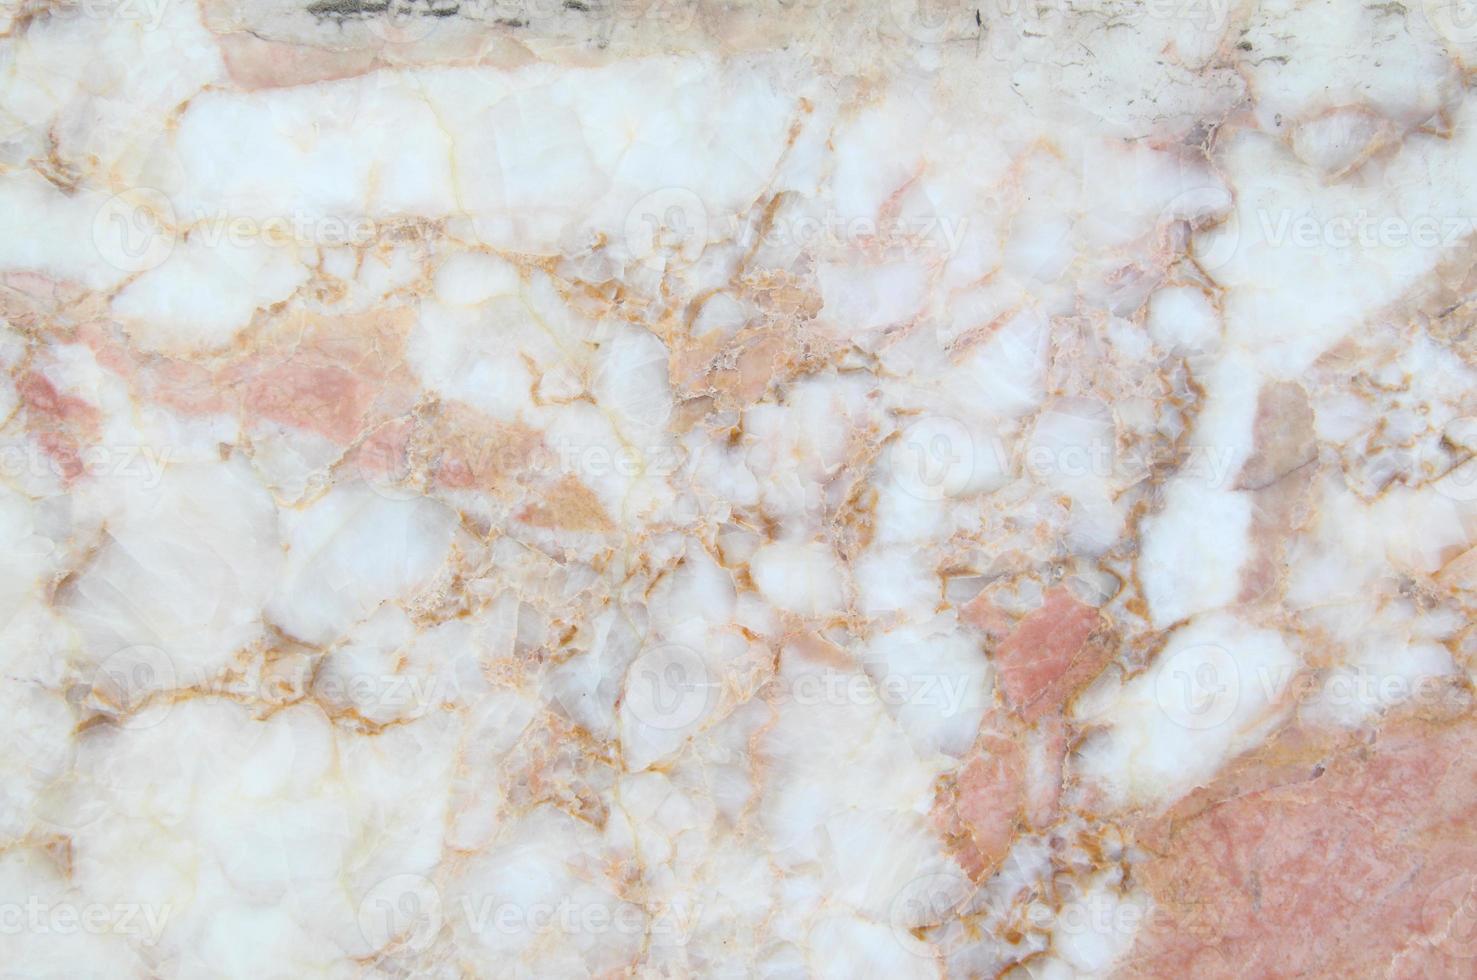 carreaux de marbre texture mur fond de marbre photo